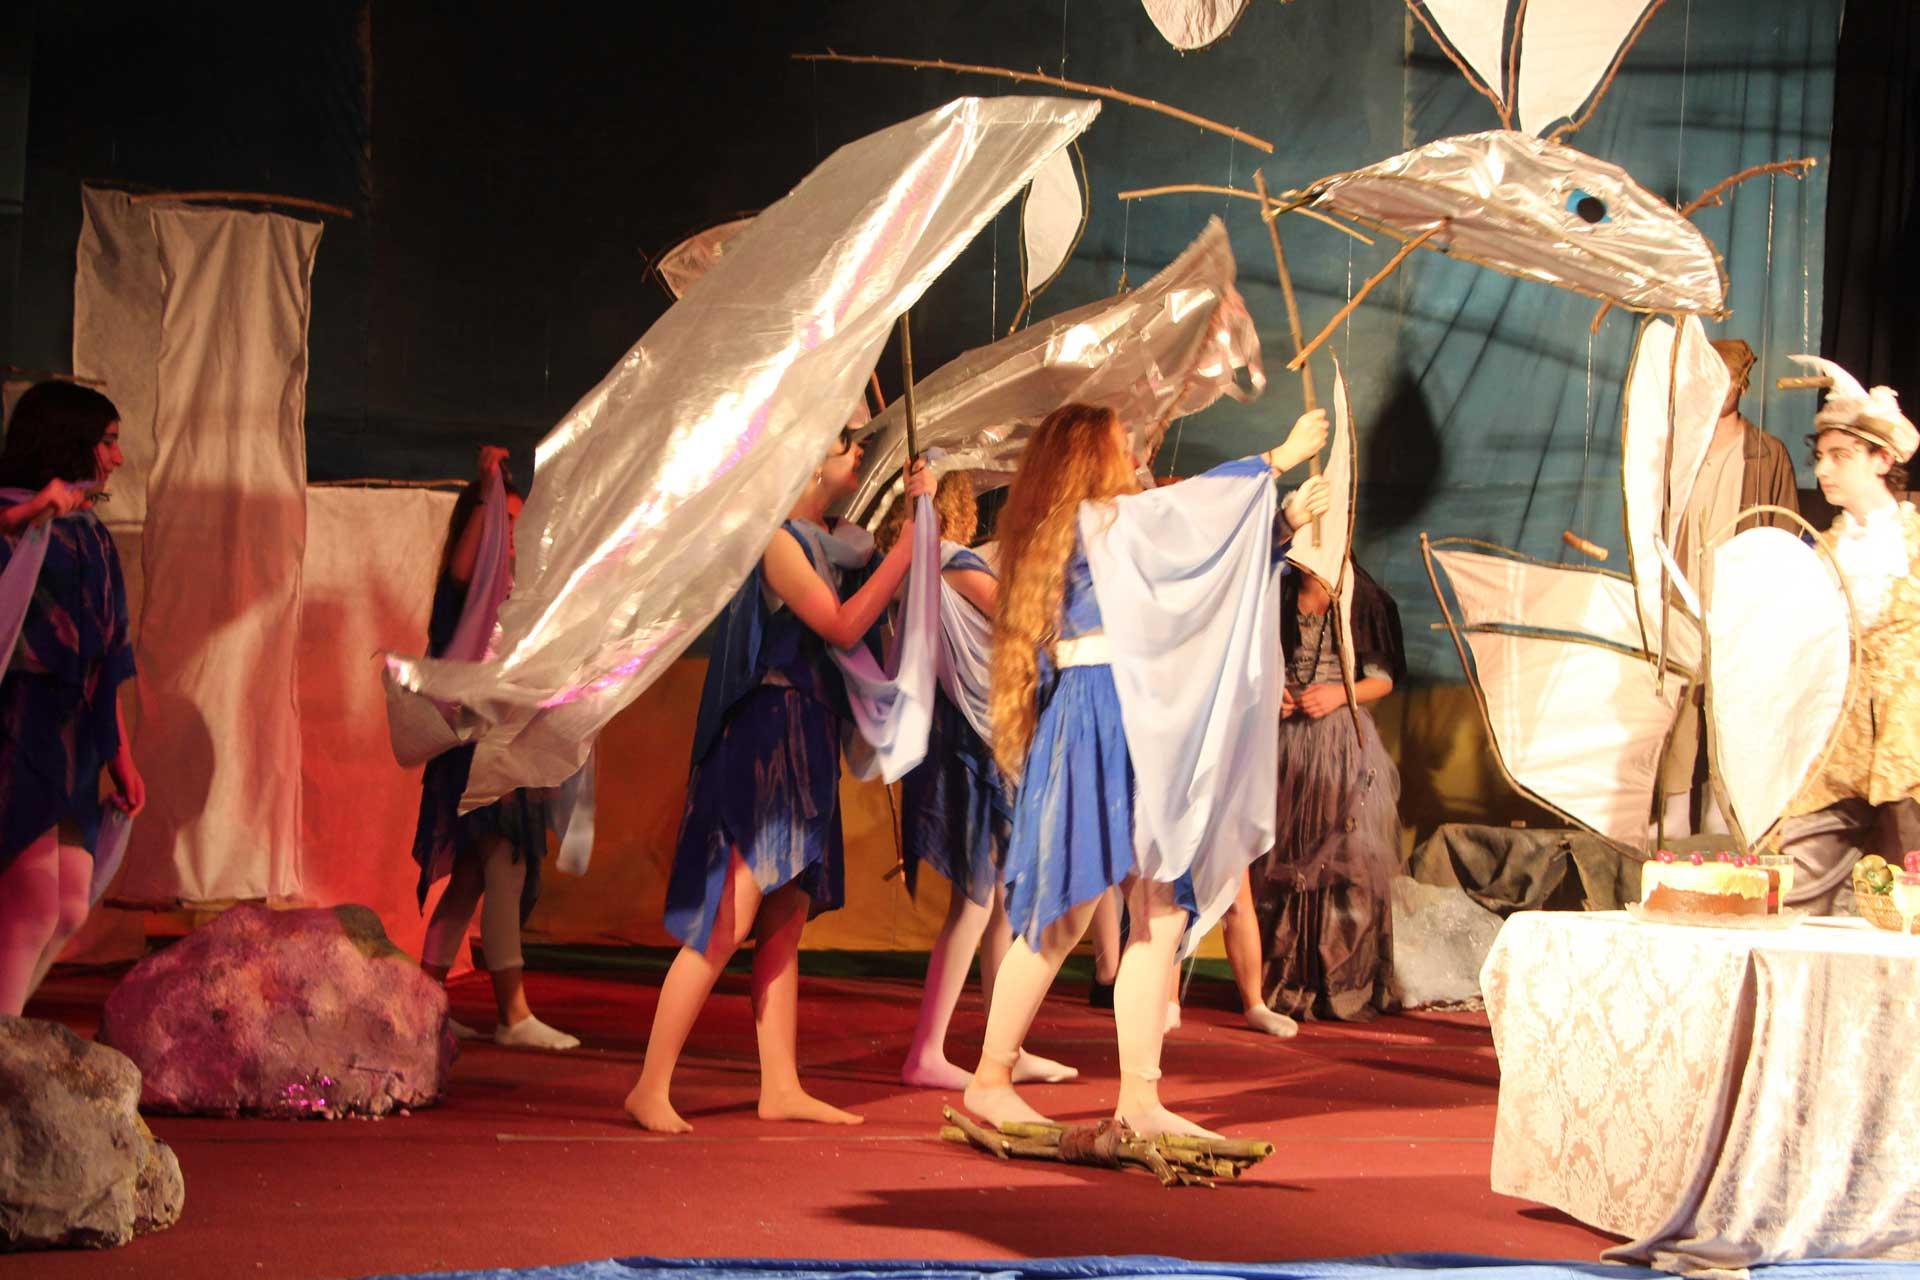 בית ספר תמר מציג: הסערה, הצגה כיתה ח'